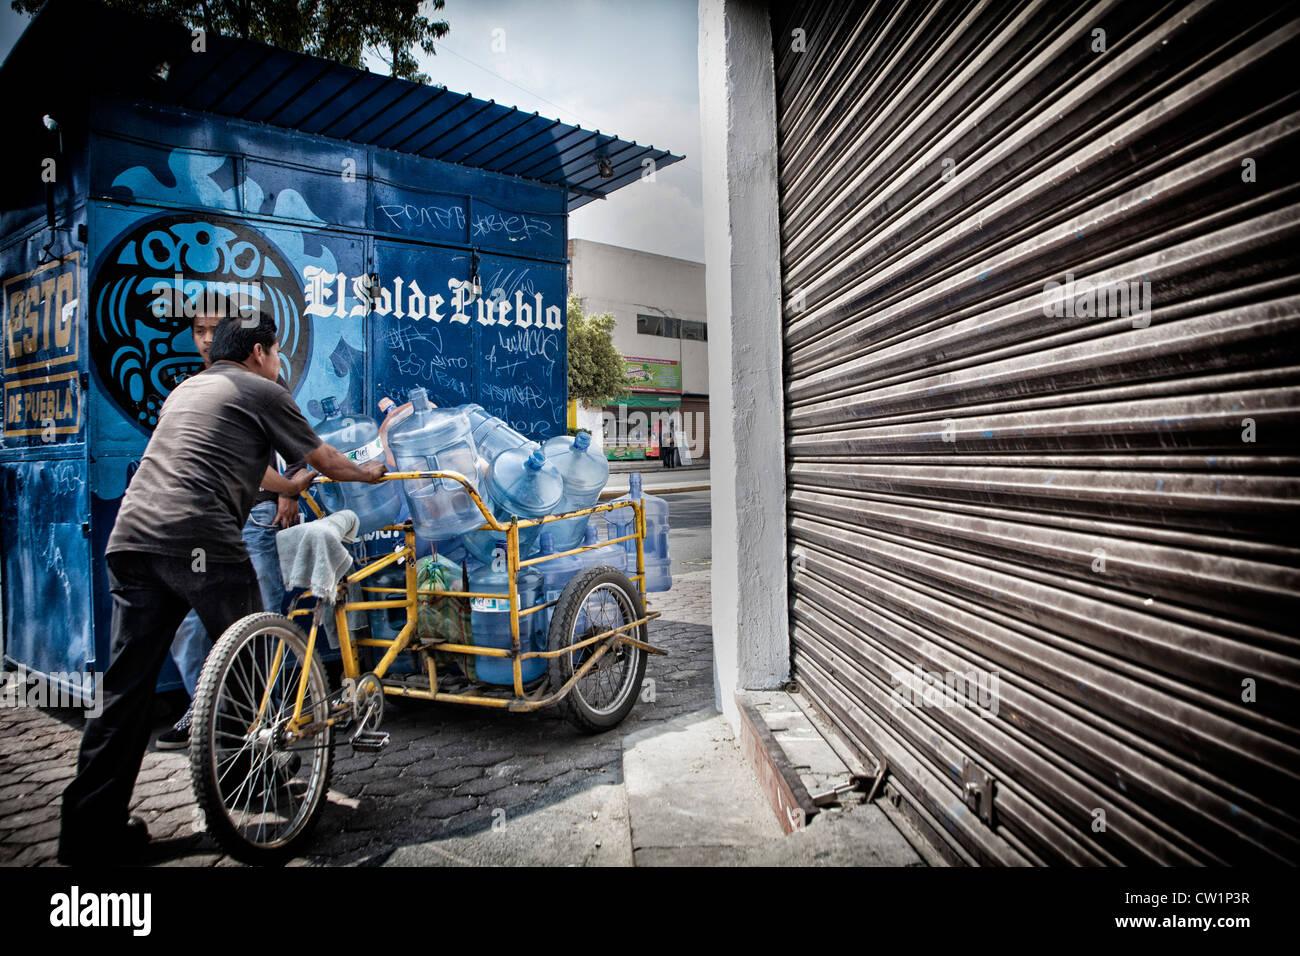 L'uomo spingendo il carrello vuoto di bottiglie di acqua in Puebla, Messico Immagini Stock